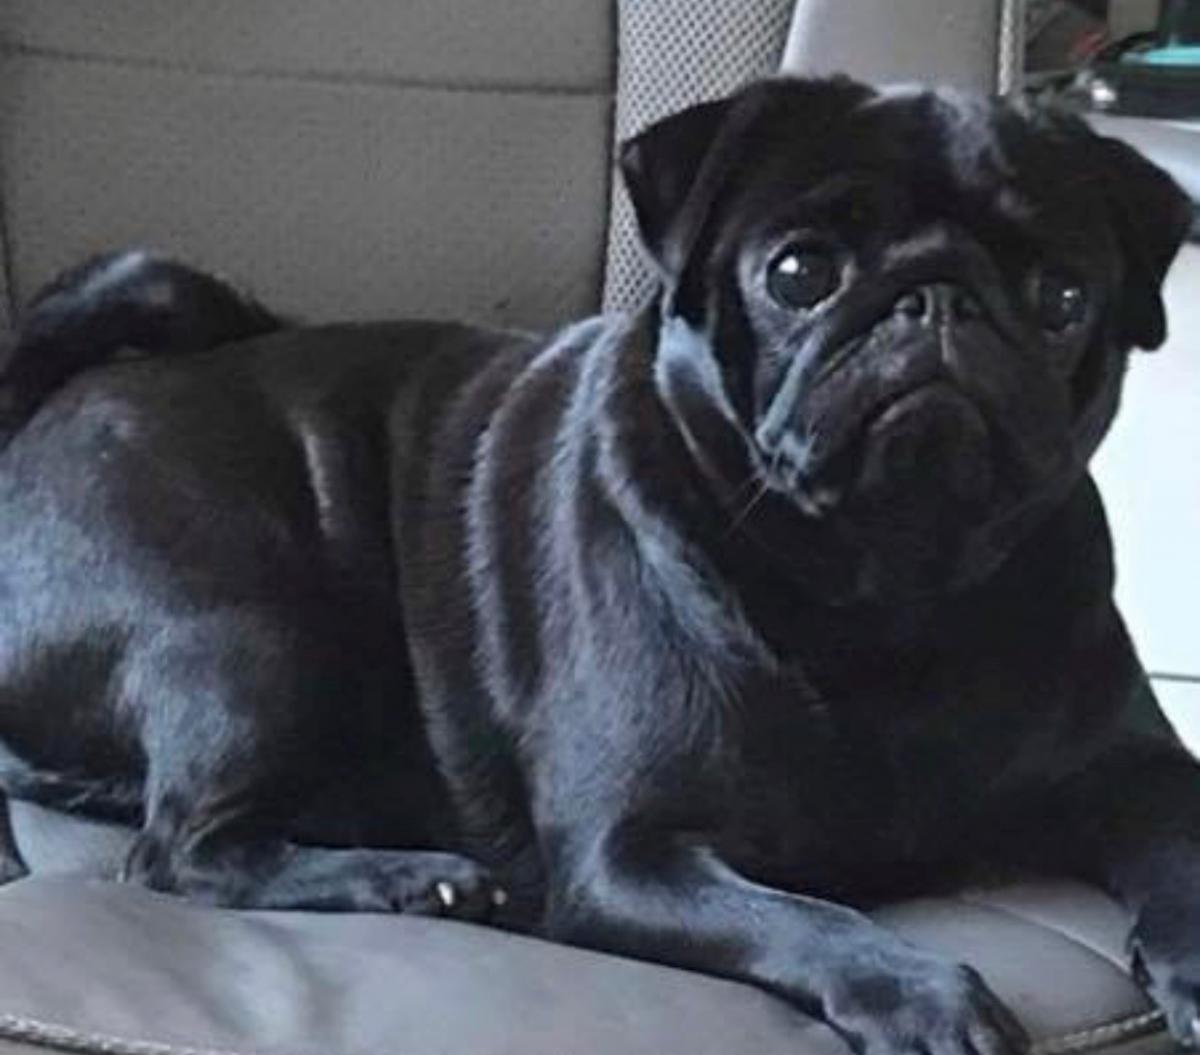 Blackburn family put up £500 reward to find Poppy the dog